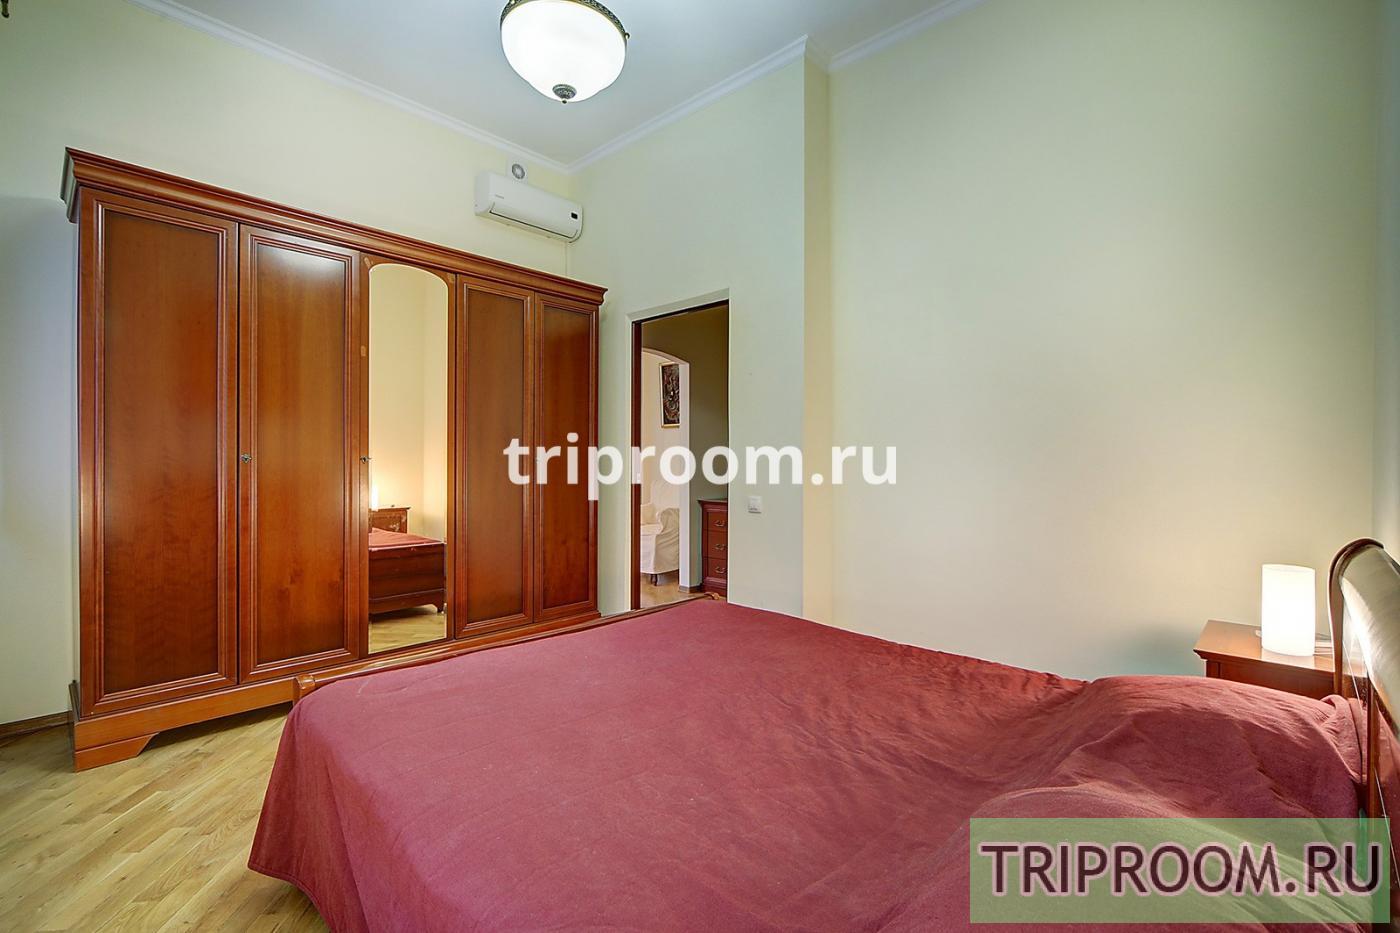 2-комнатная квартира посуточно (вариант № 15116), ул. Большая Конюшенная улица, фото № 12